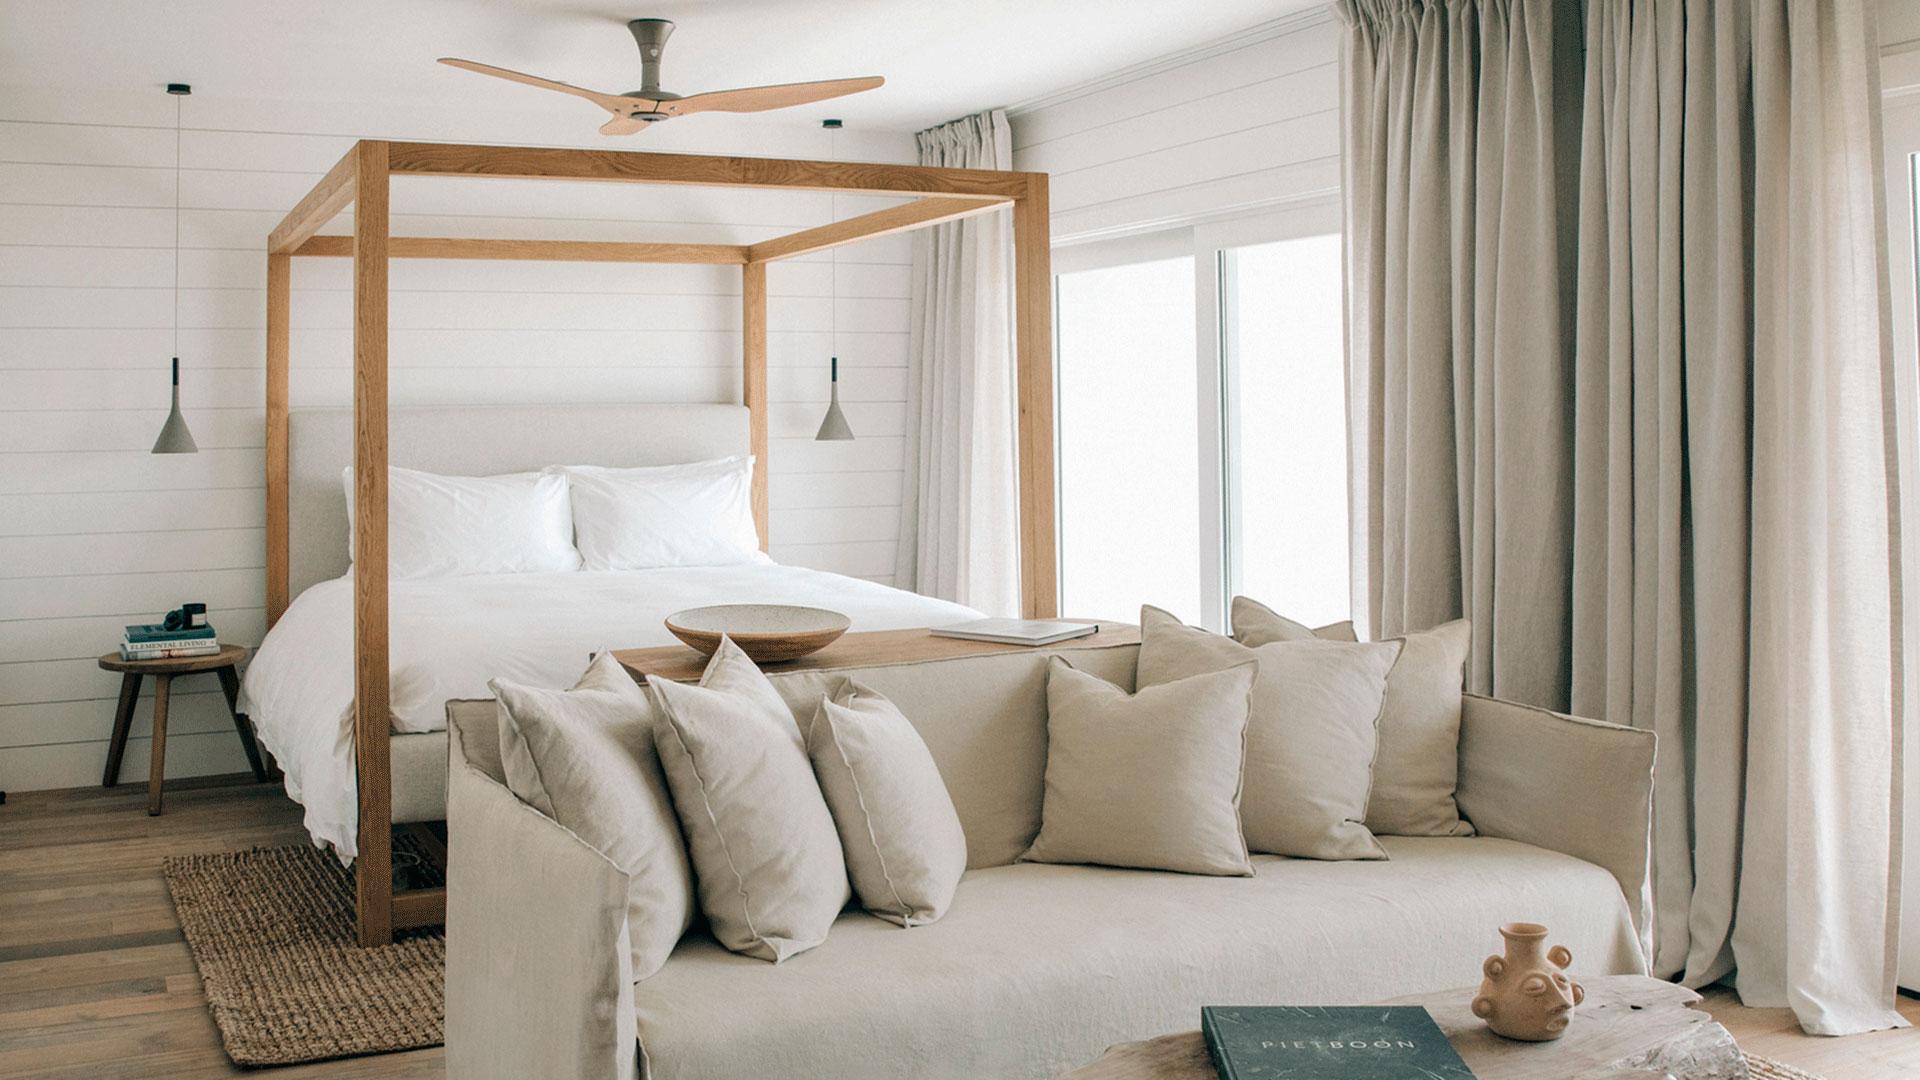 Una de las habitaciones del Hotel Surfrider Malibu